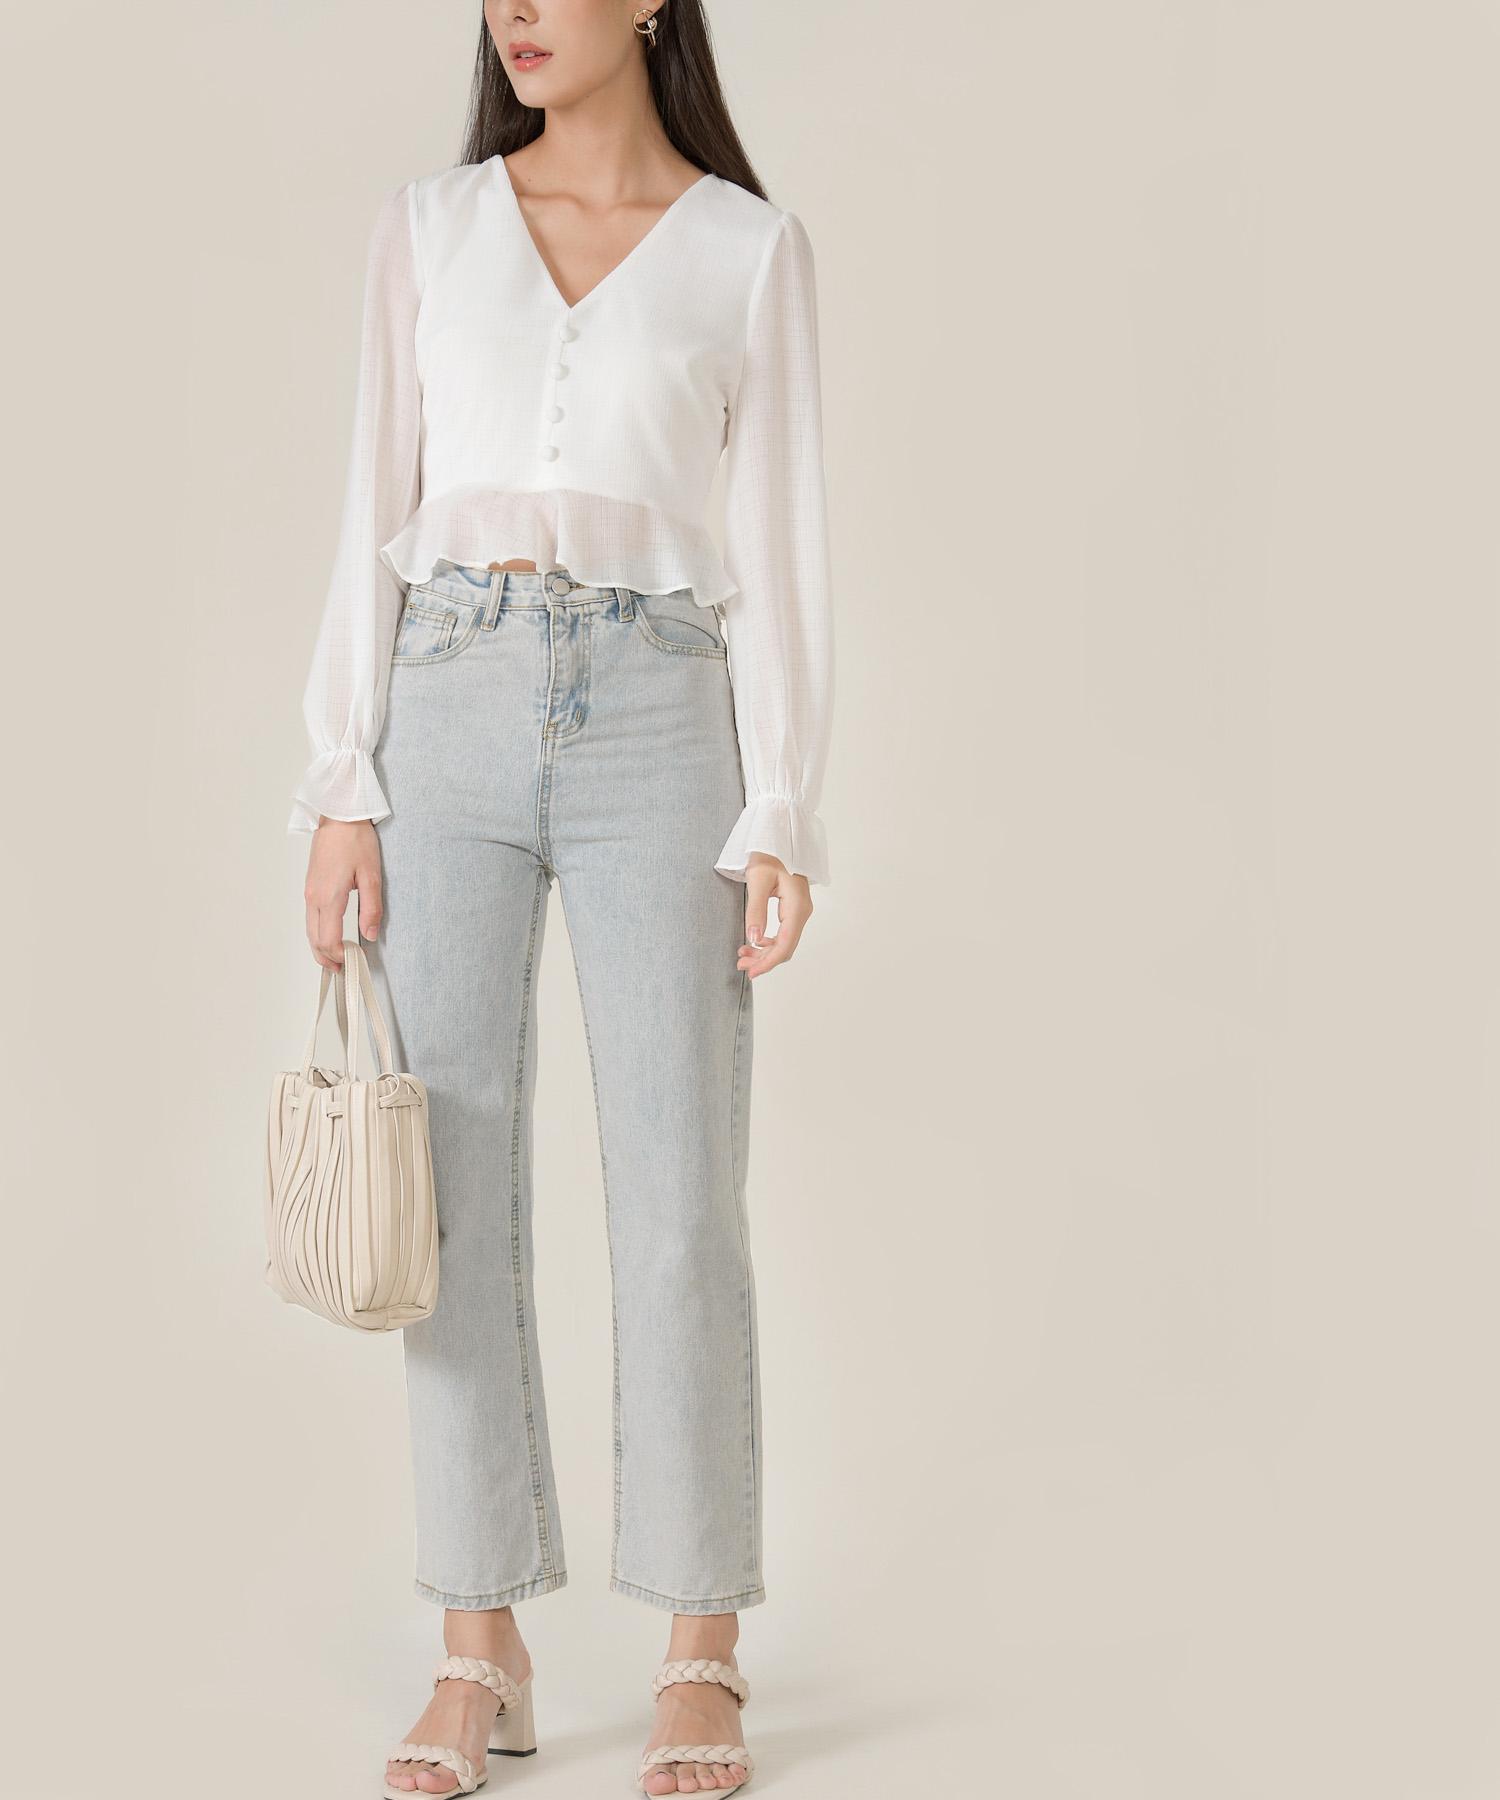 finley-textured-peplum-blouse-white-1